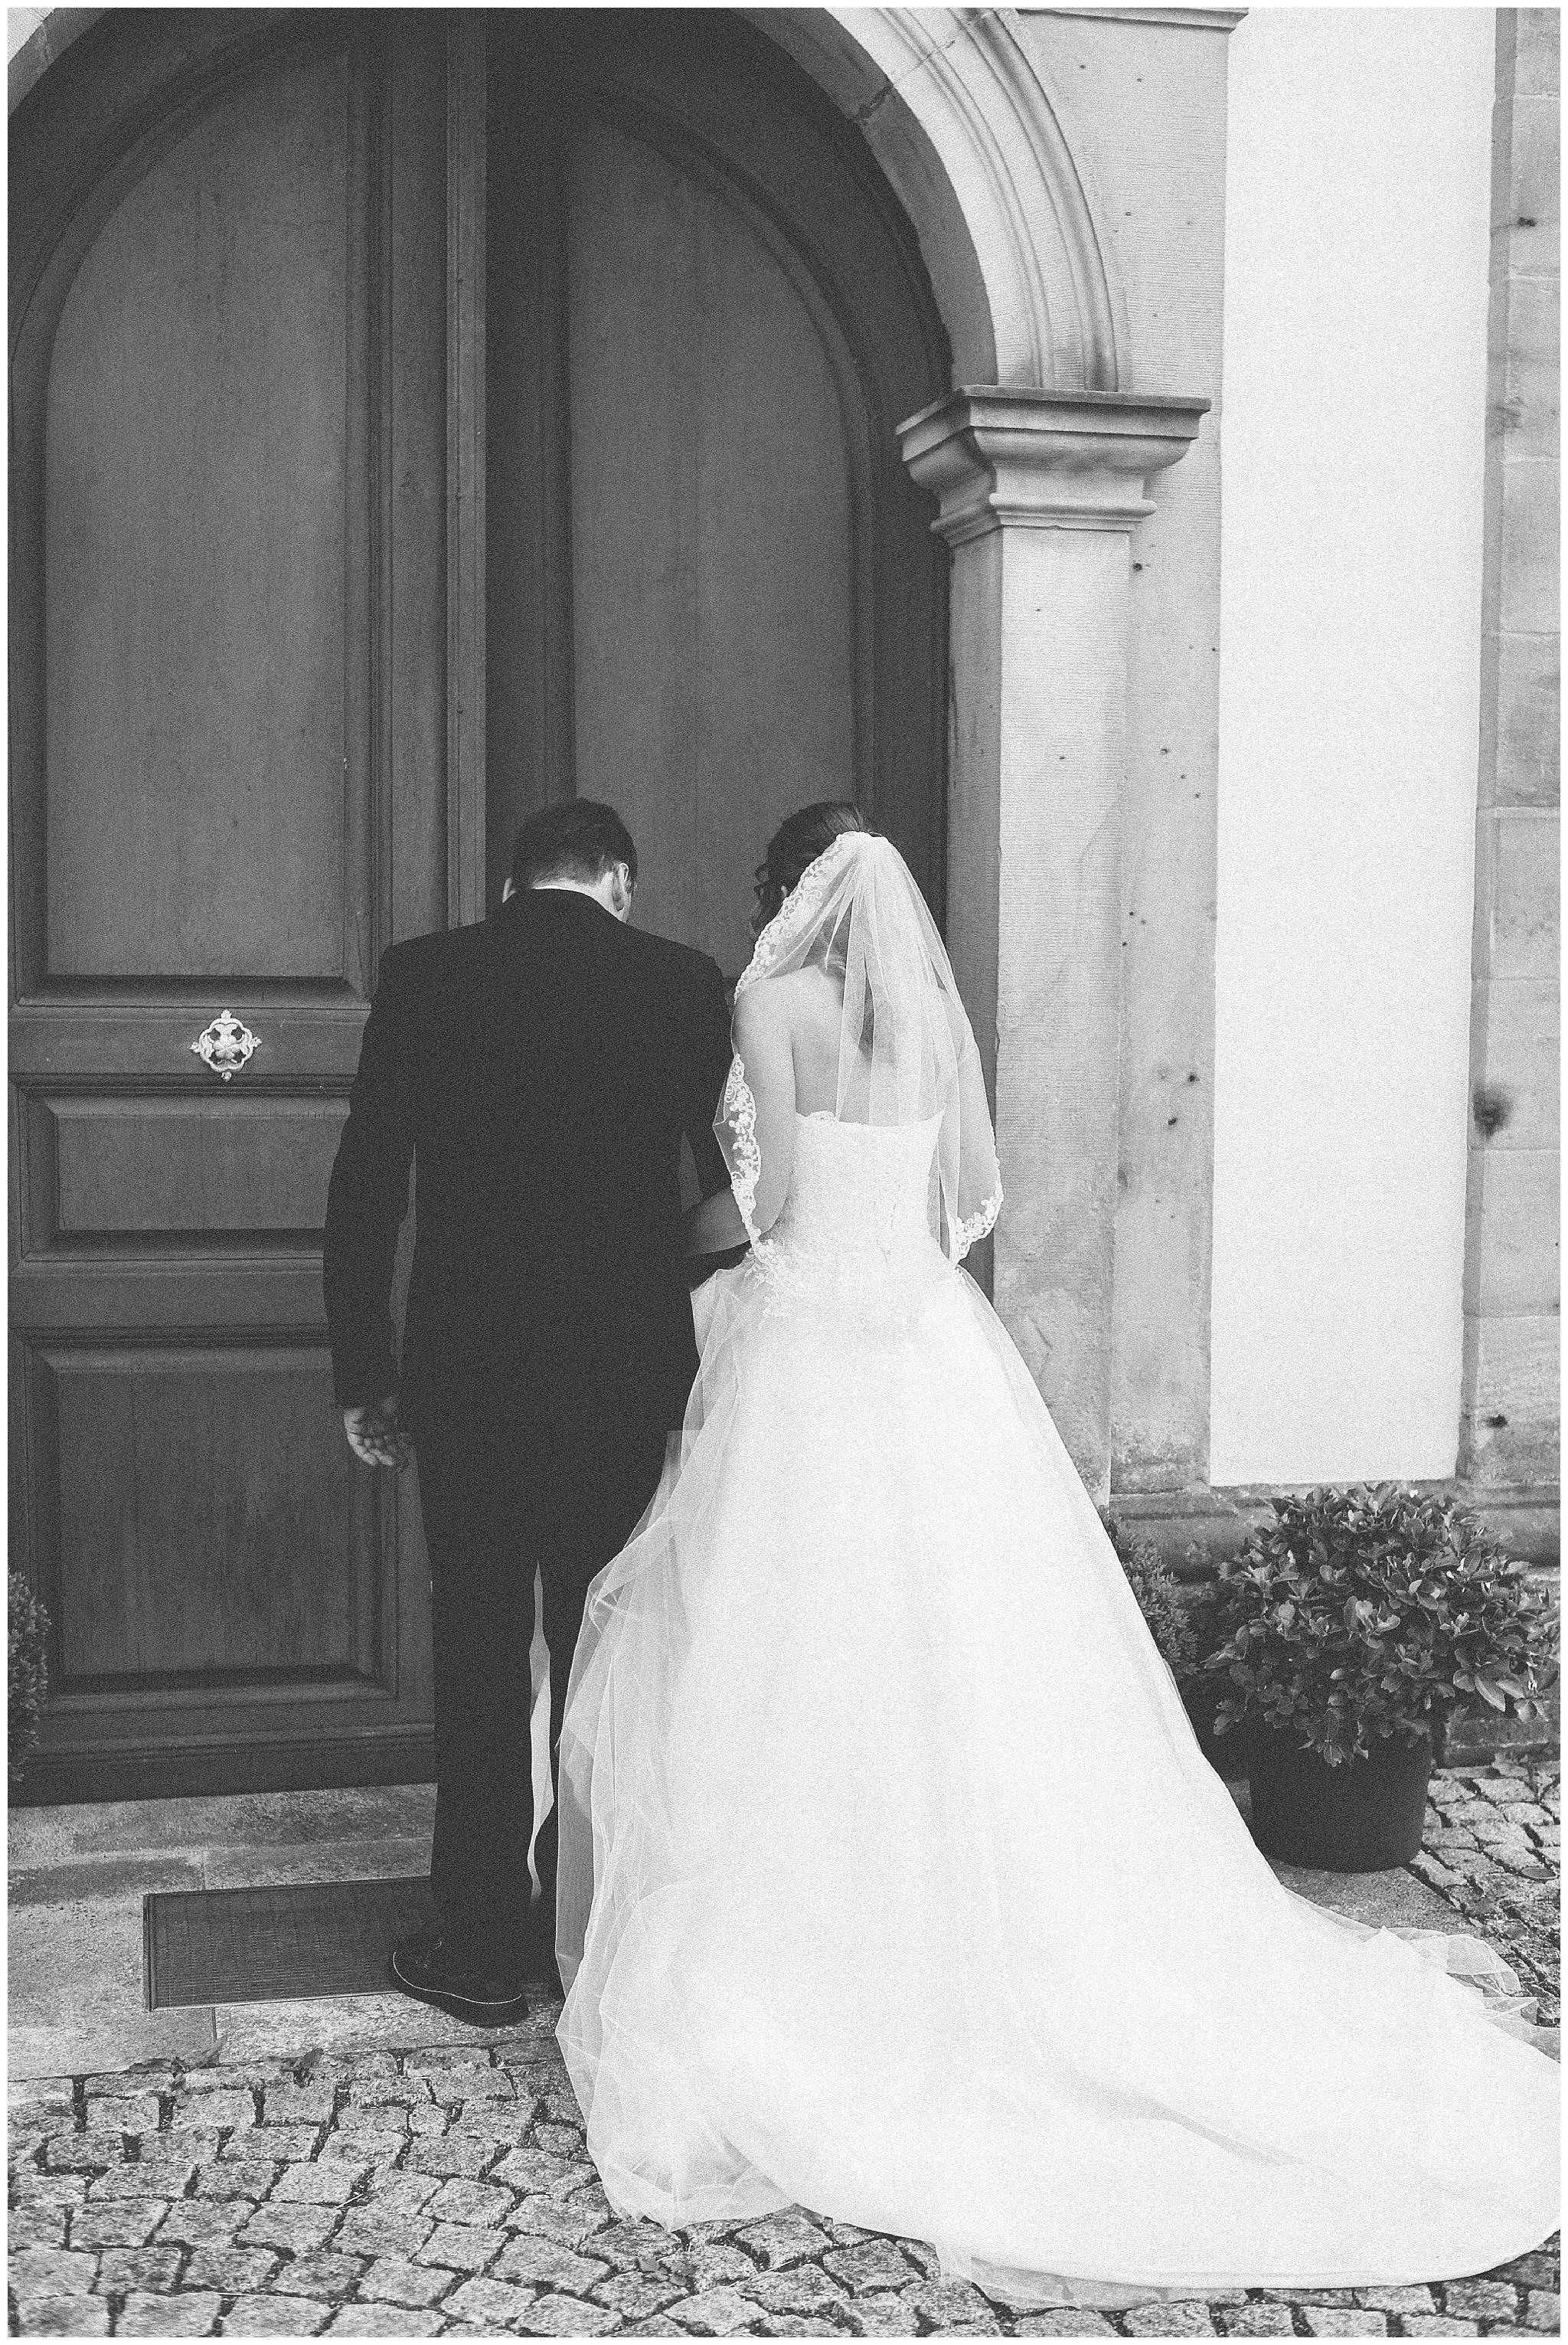 Hochzeit_Menninger_dieLICHTBUILDER_31.jpg